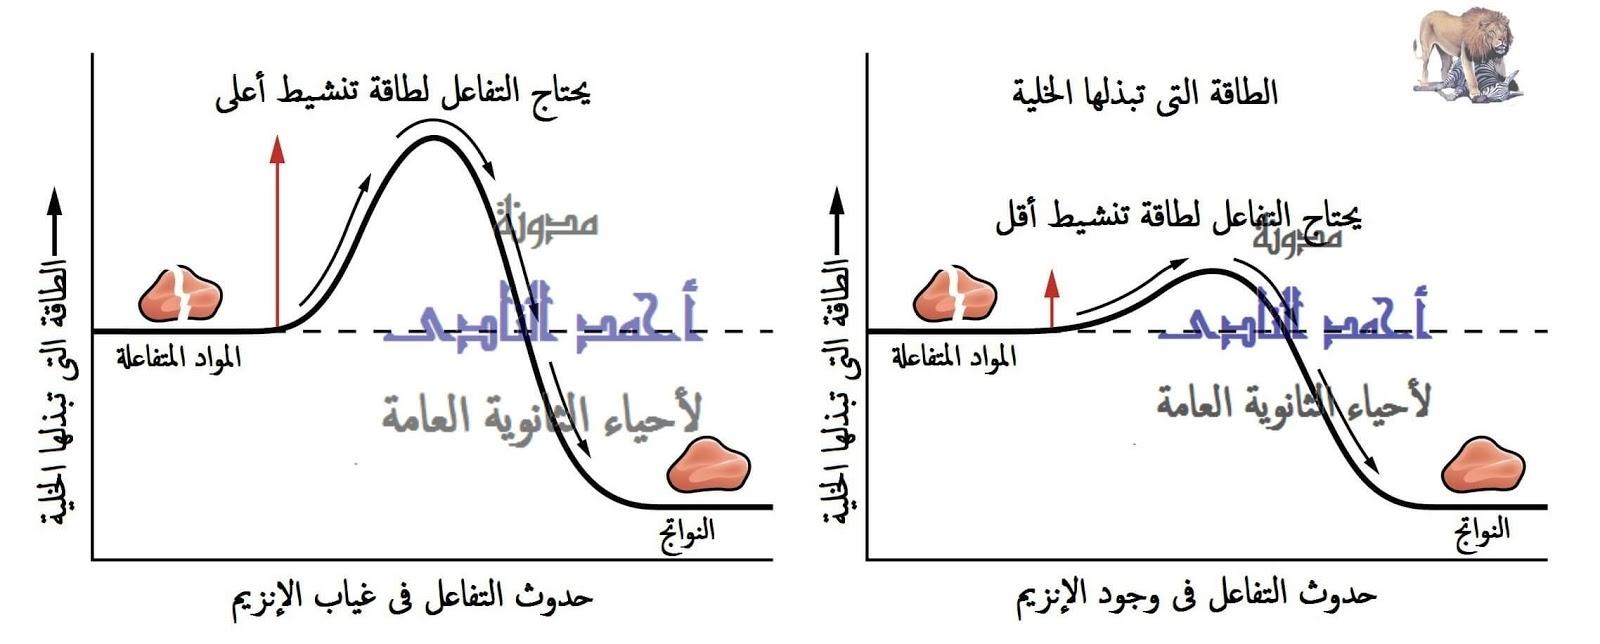 الإنزيمات - تقليل طاقة التنشيط -  مدونة أحمد النادى- أحياء الثانوية العامة